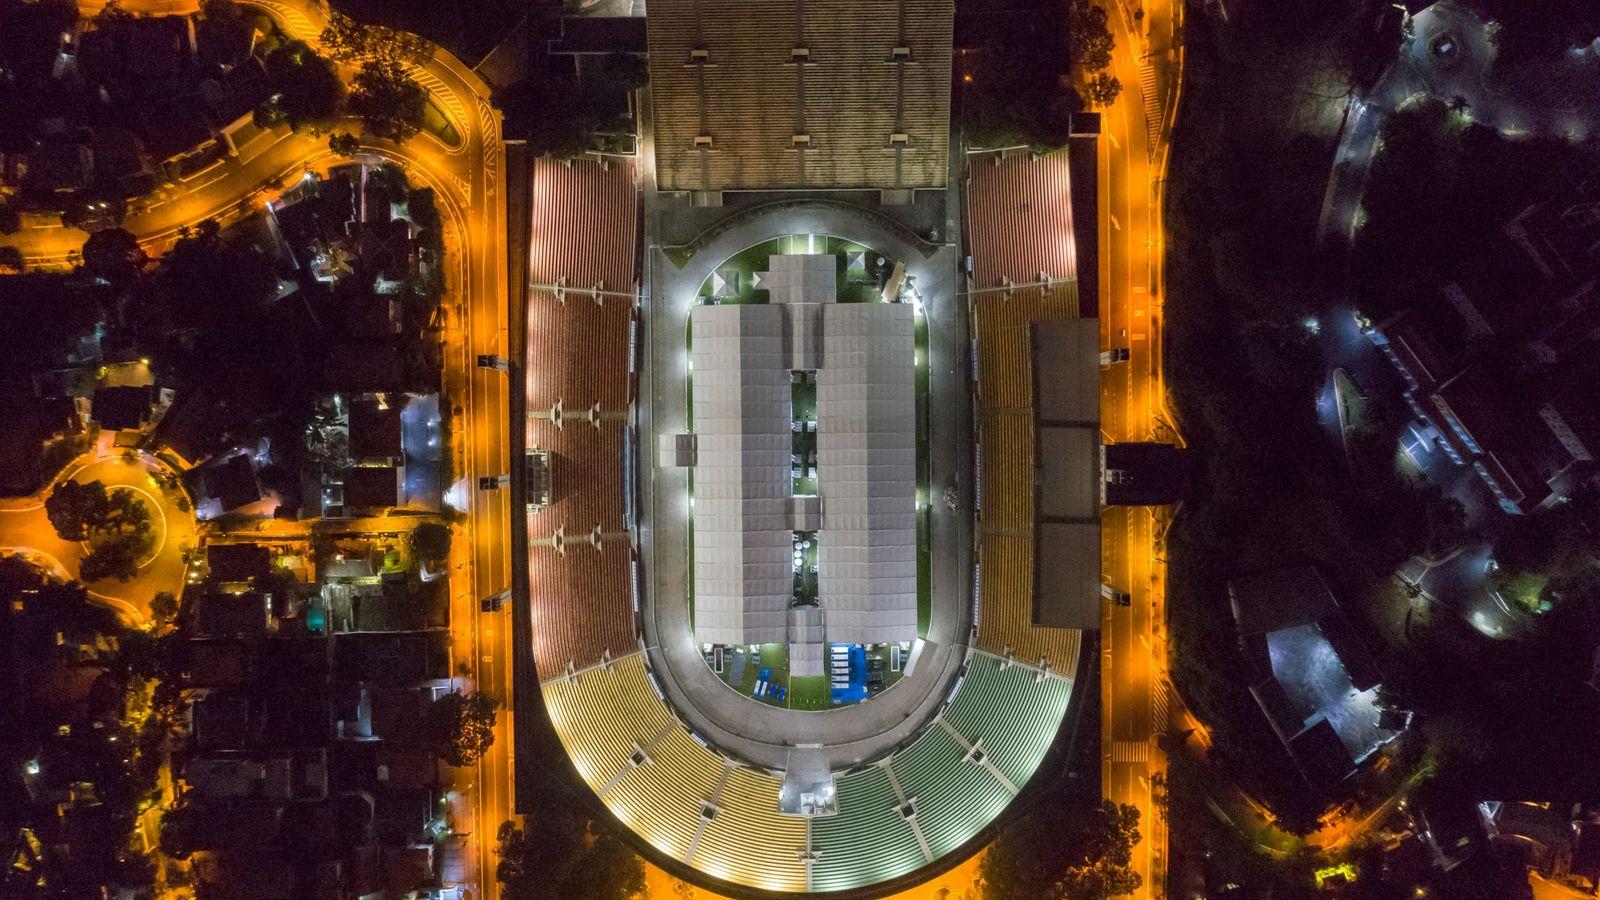 ESTÁDIO PACAEMBU, SÃO PAULO | O estádio do Pacaembu, em São Paulo, foi convertido em hospital de ...